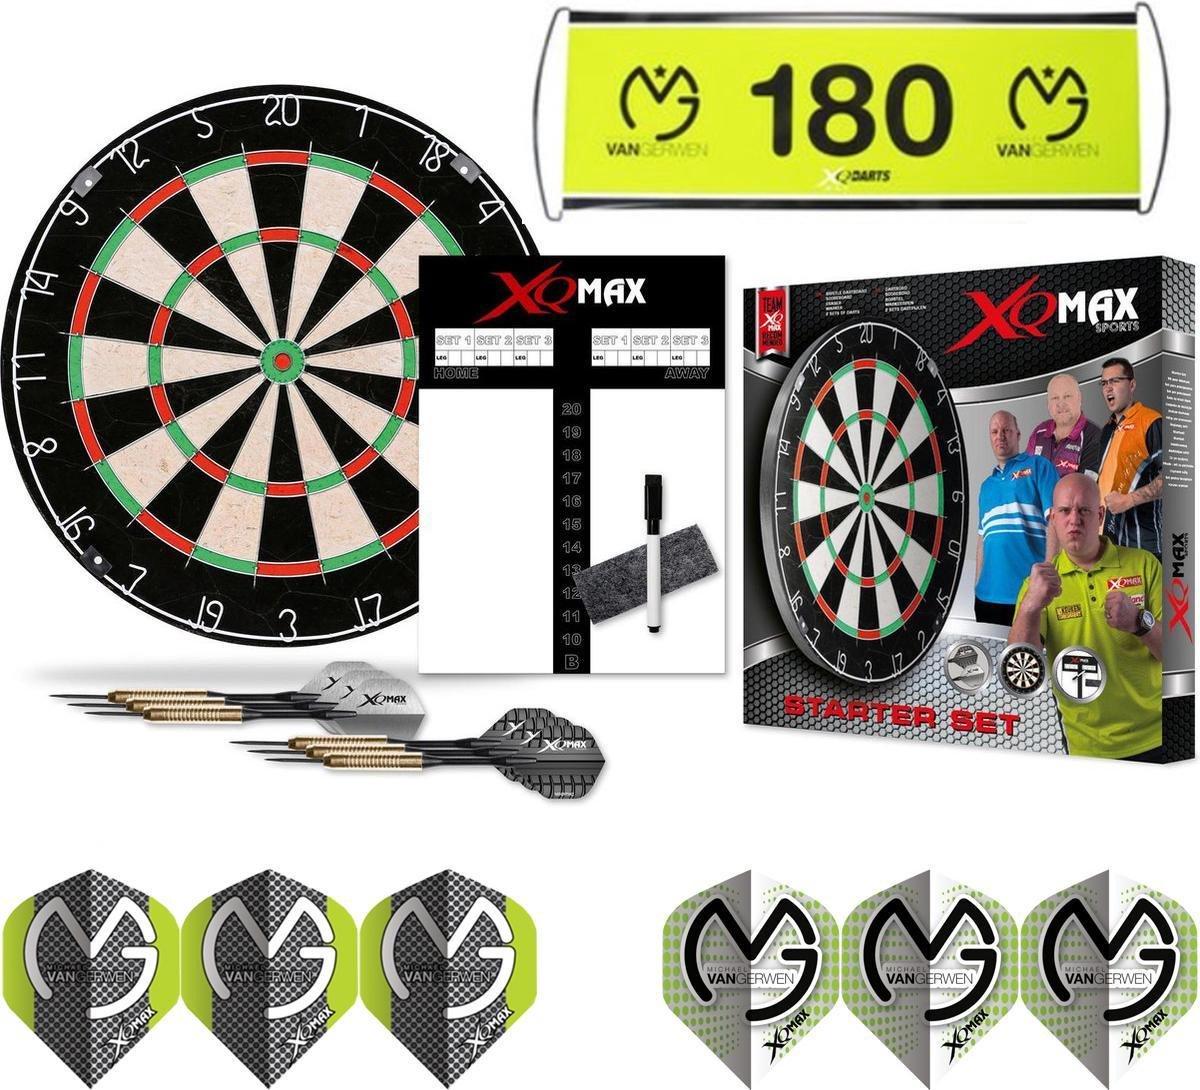 XQ Max Michael van Gerwen - dartbord - starter set - met banner